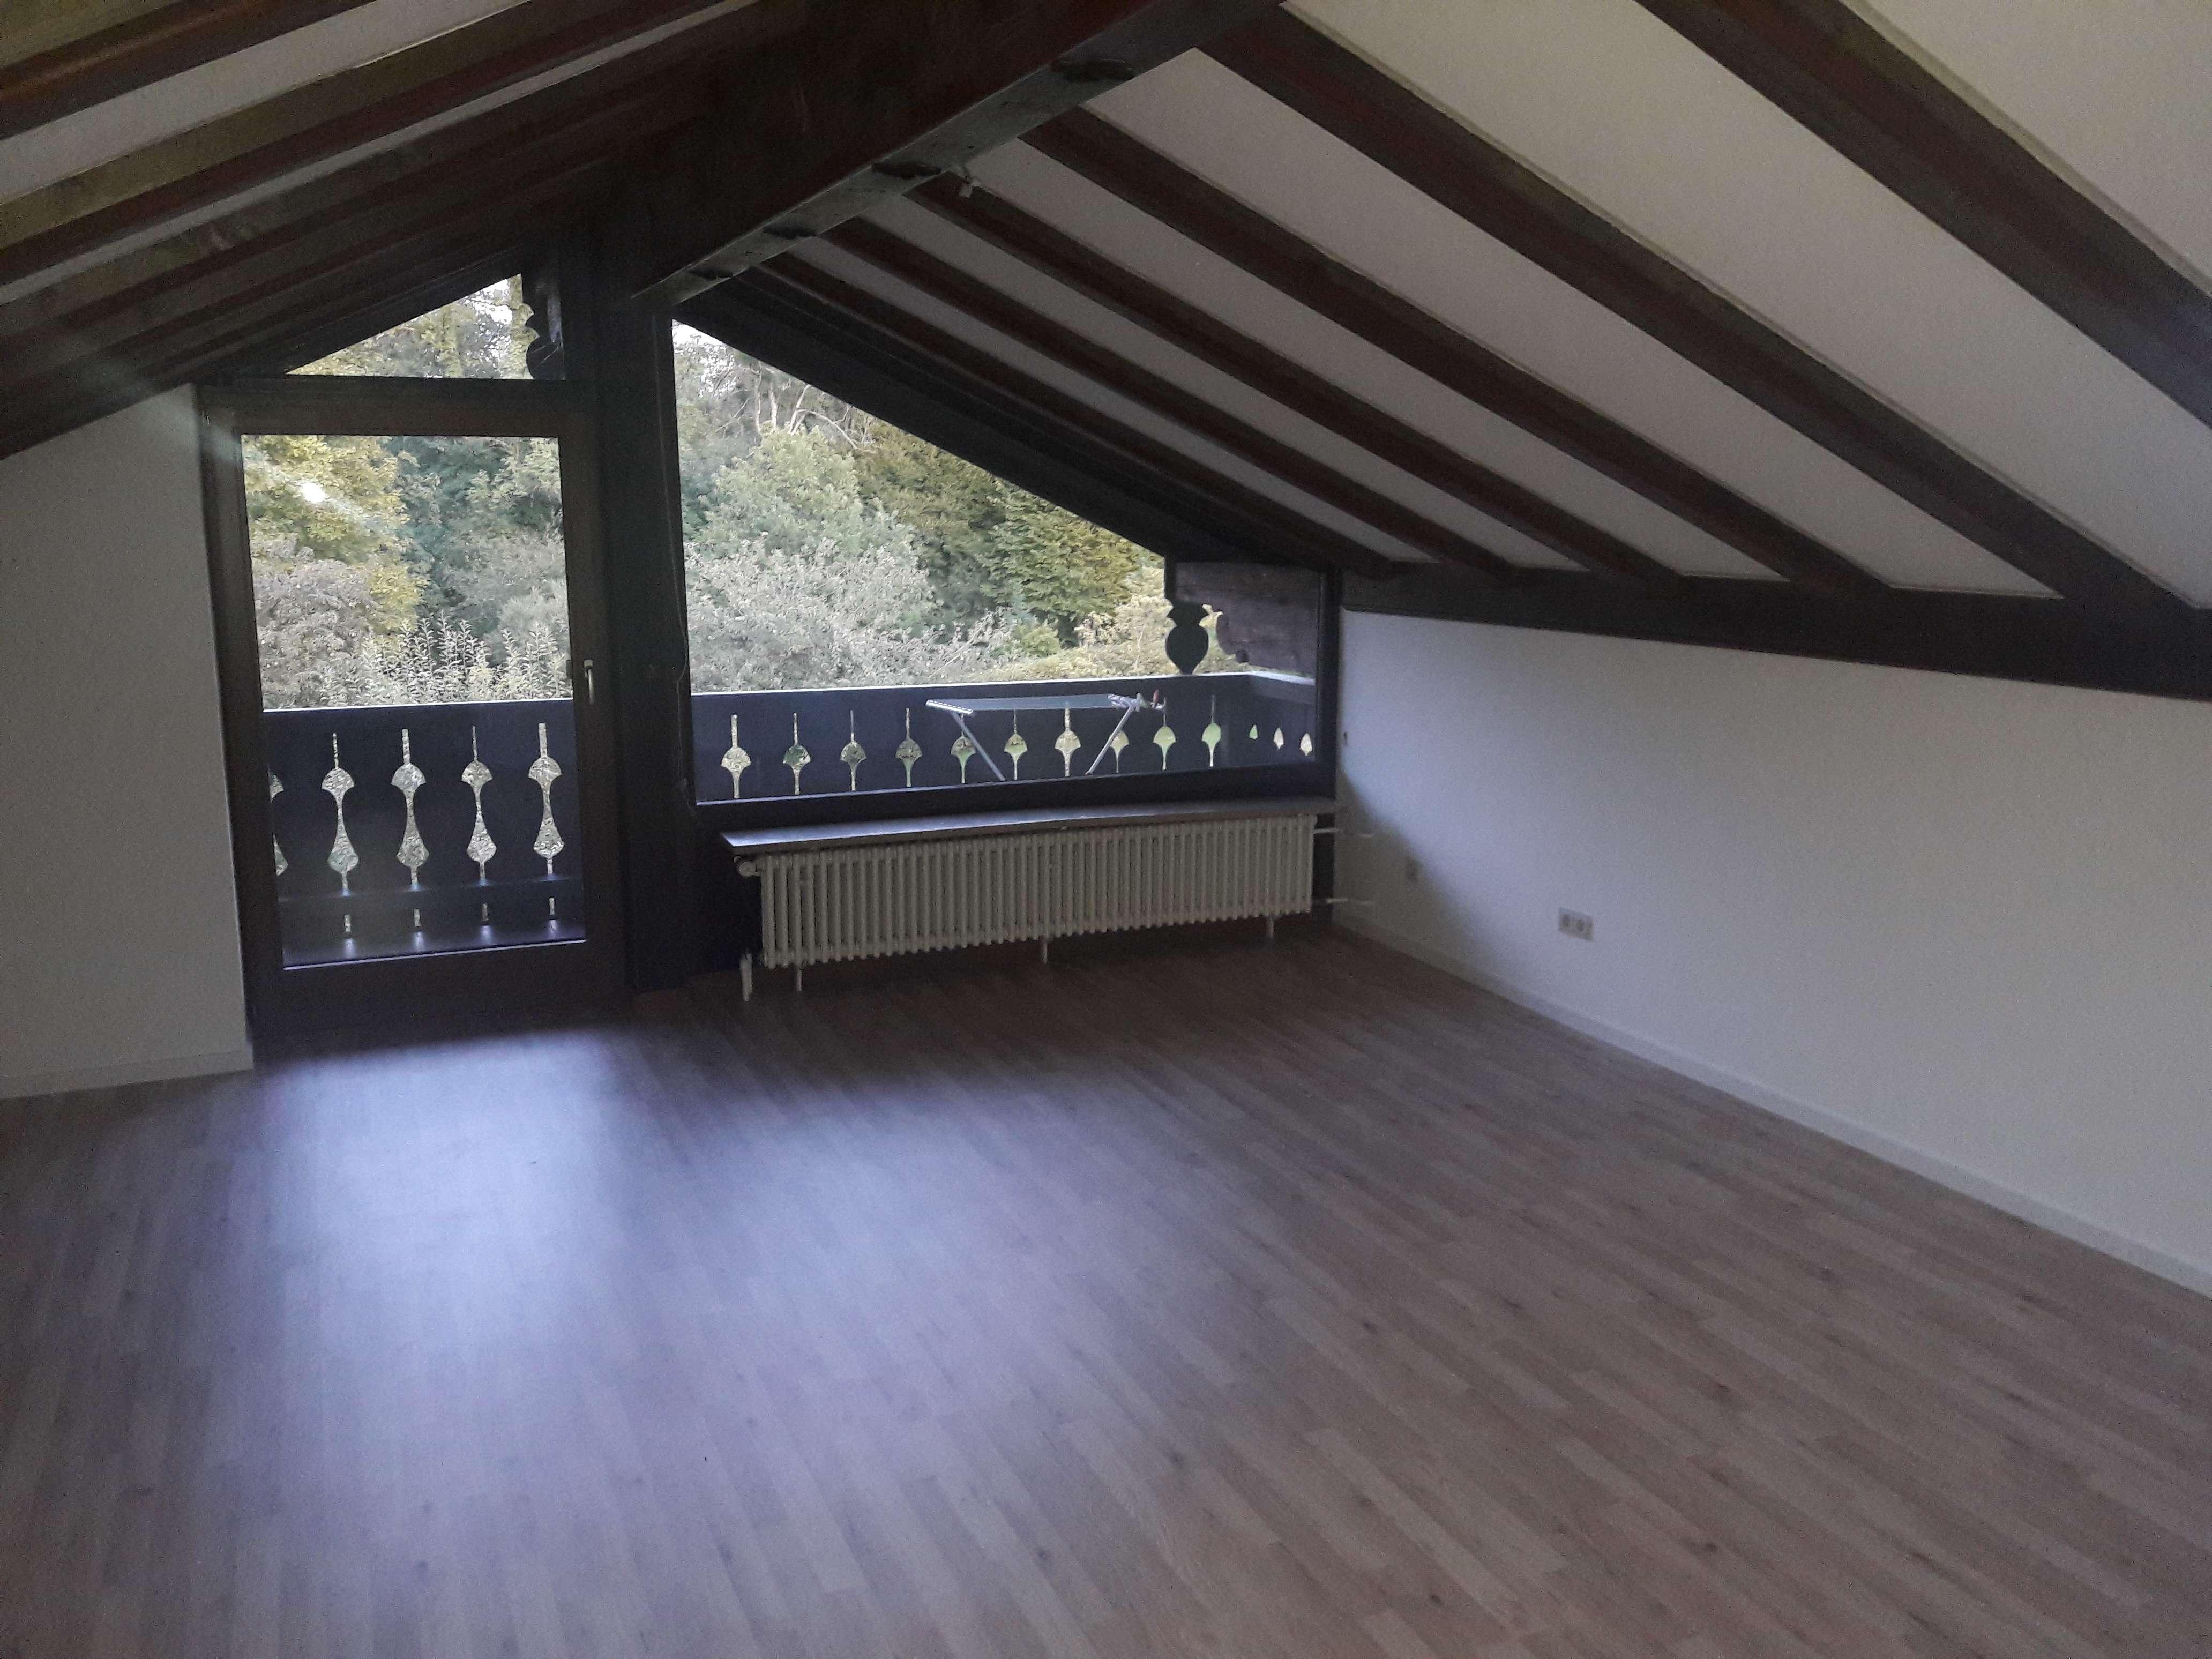 Gepflegte 2-Zimmer-Dachgeschosswohnung mit Balkon und Einbauküche in Bernried in Bernried am Starnberger See